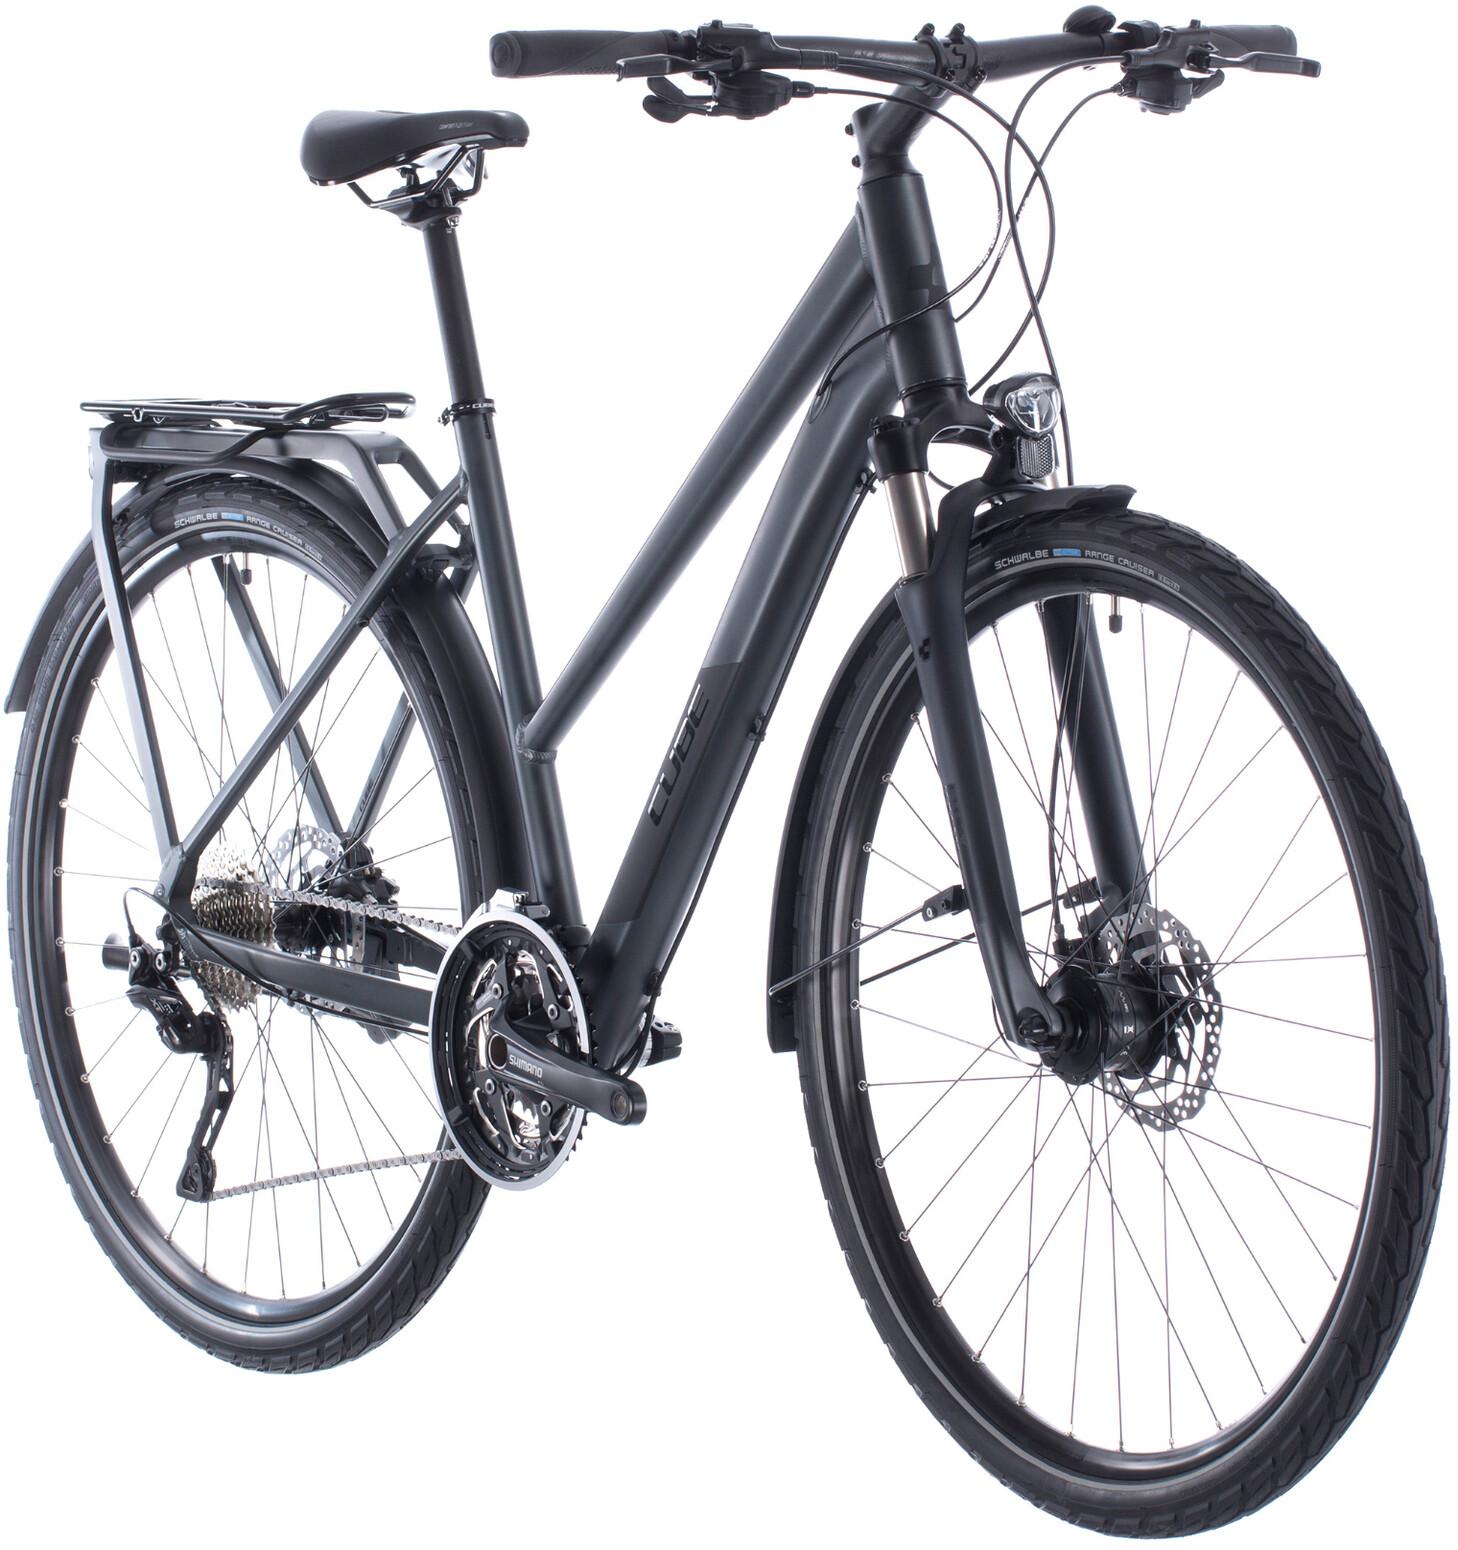 Ergo-tec sillín borna 31,8mm llave rápida sujeción bicicleta klemmschelle Gold